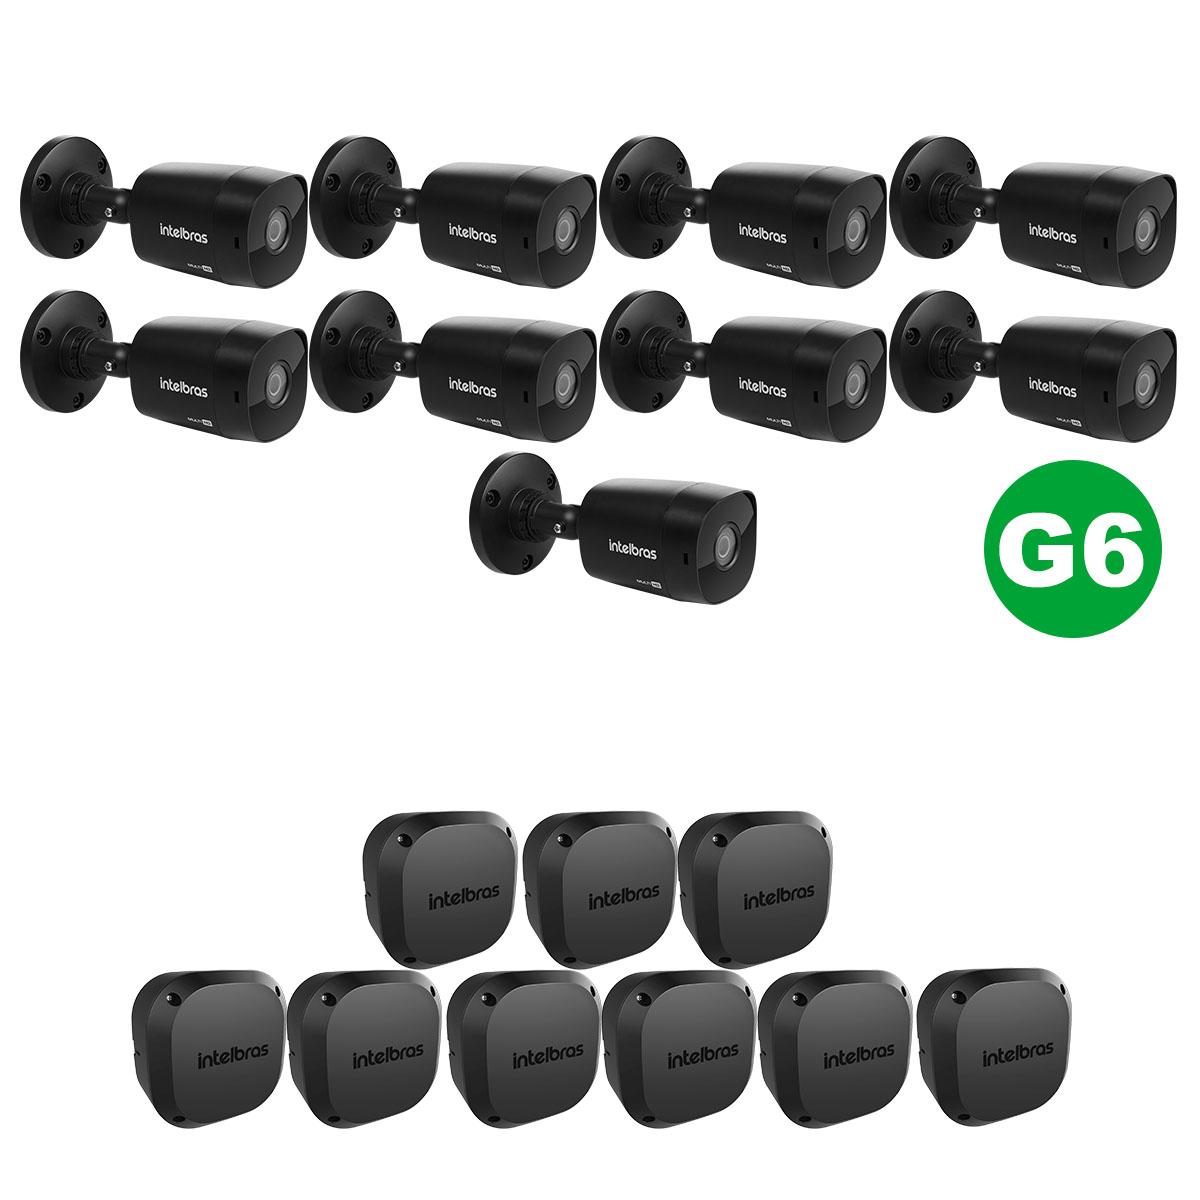 KIT 09 Câmera VHD 1220 Black G6 1080p 3,6m + Vbox 1100 E